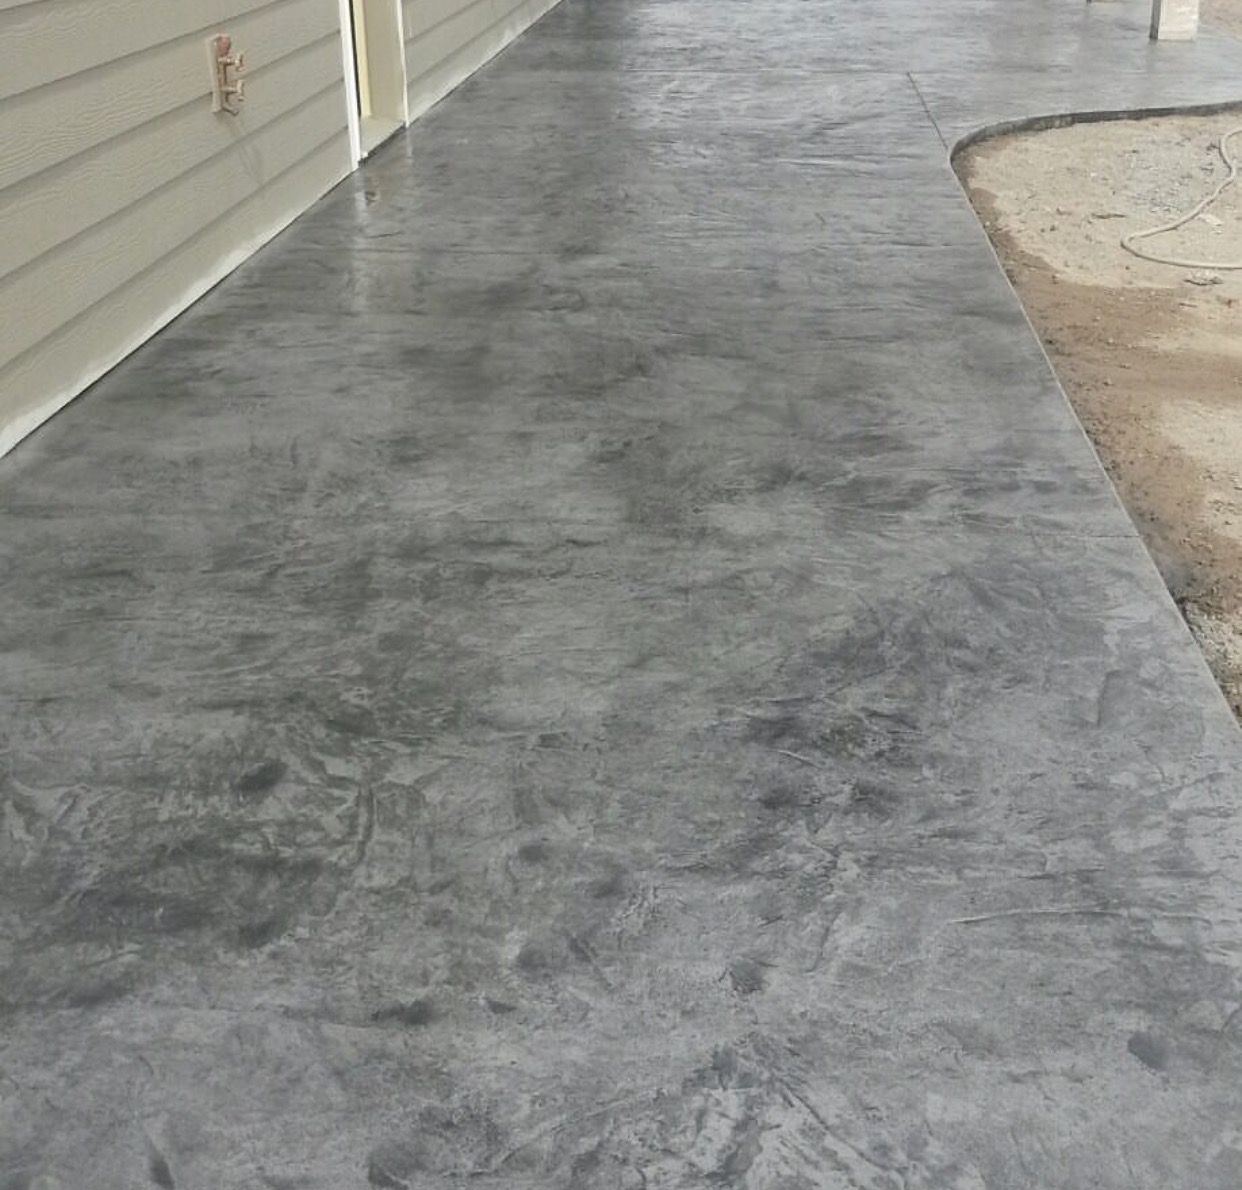 Italian Slate Stamp Walkway Concrete Patio Concrete Stain Patio Stamped Concrete Patio